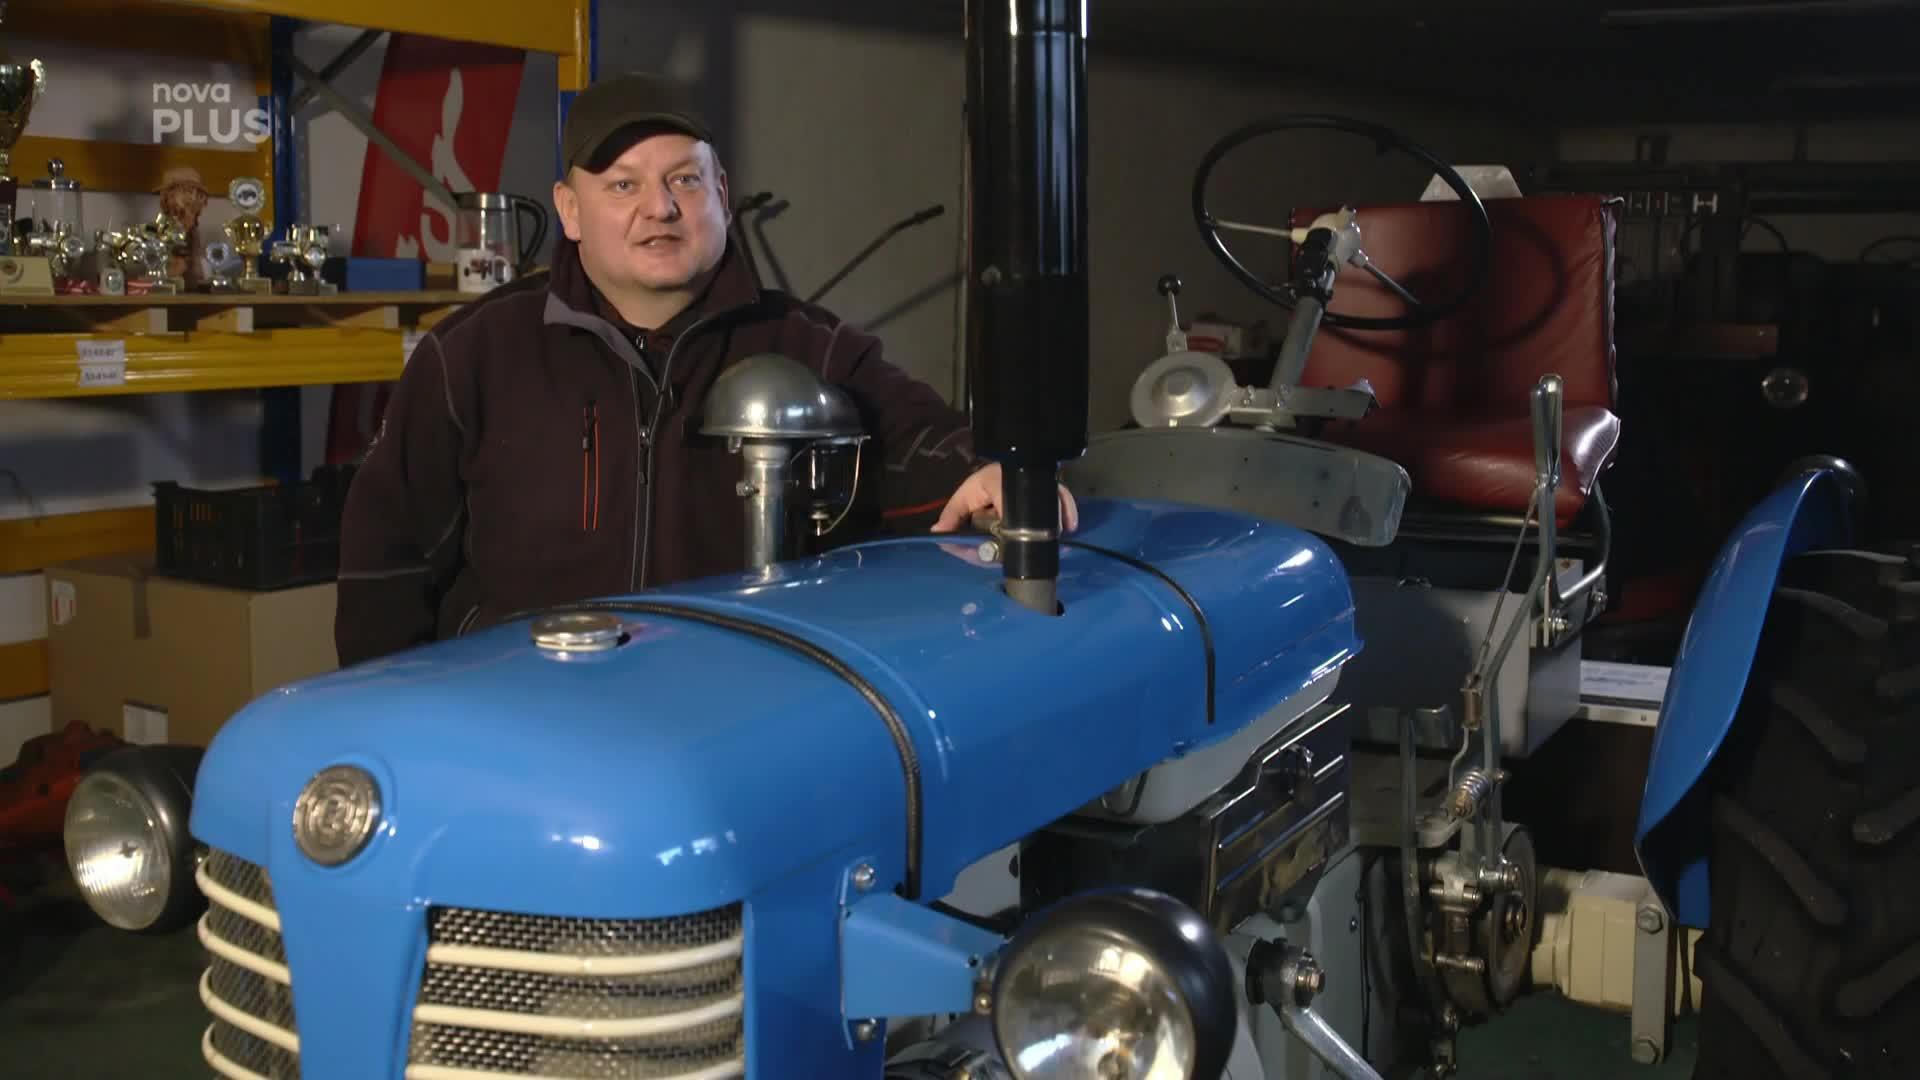 Víkend - Traktorista